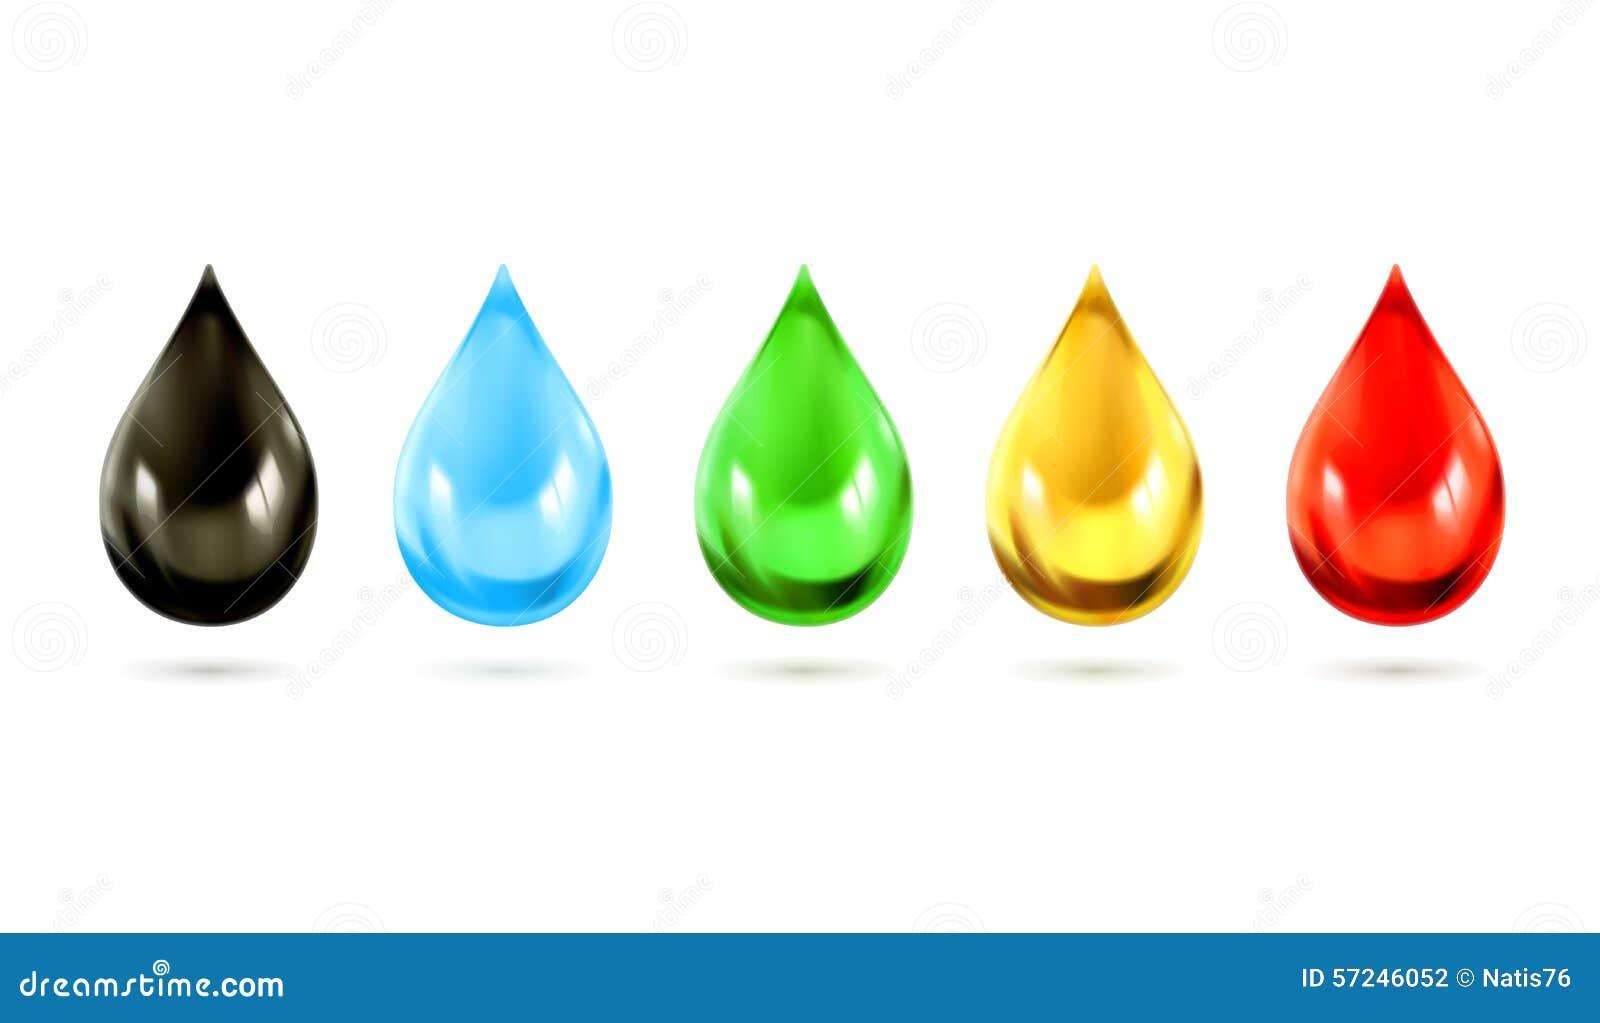 Ícones coloridos do vetor das gotas